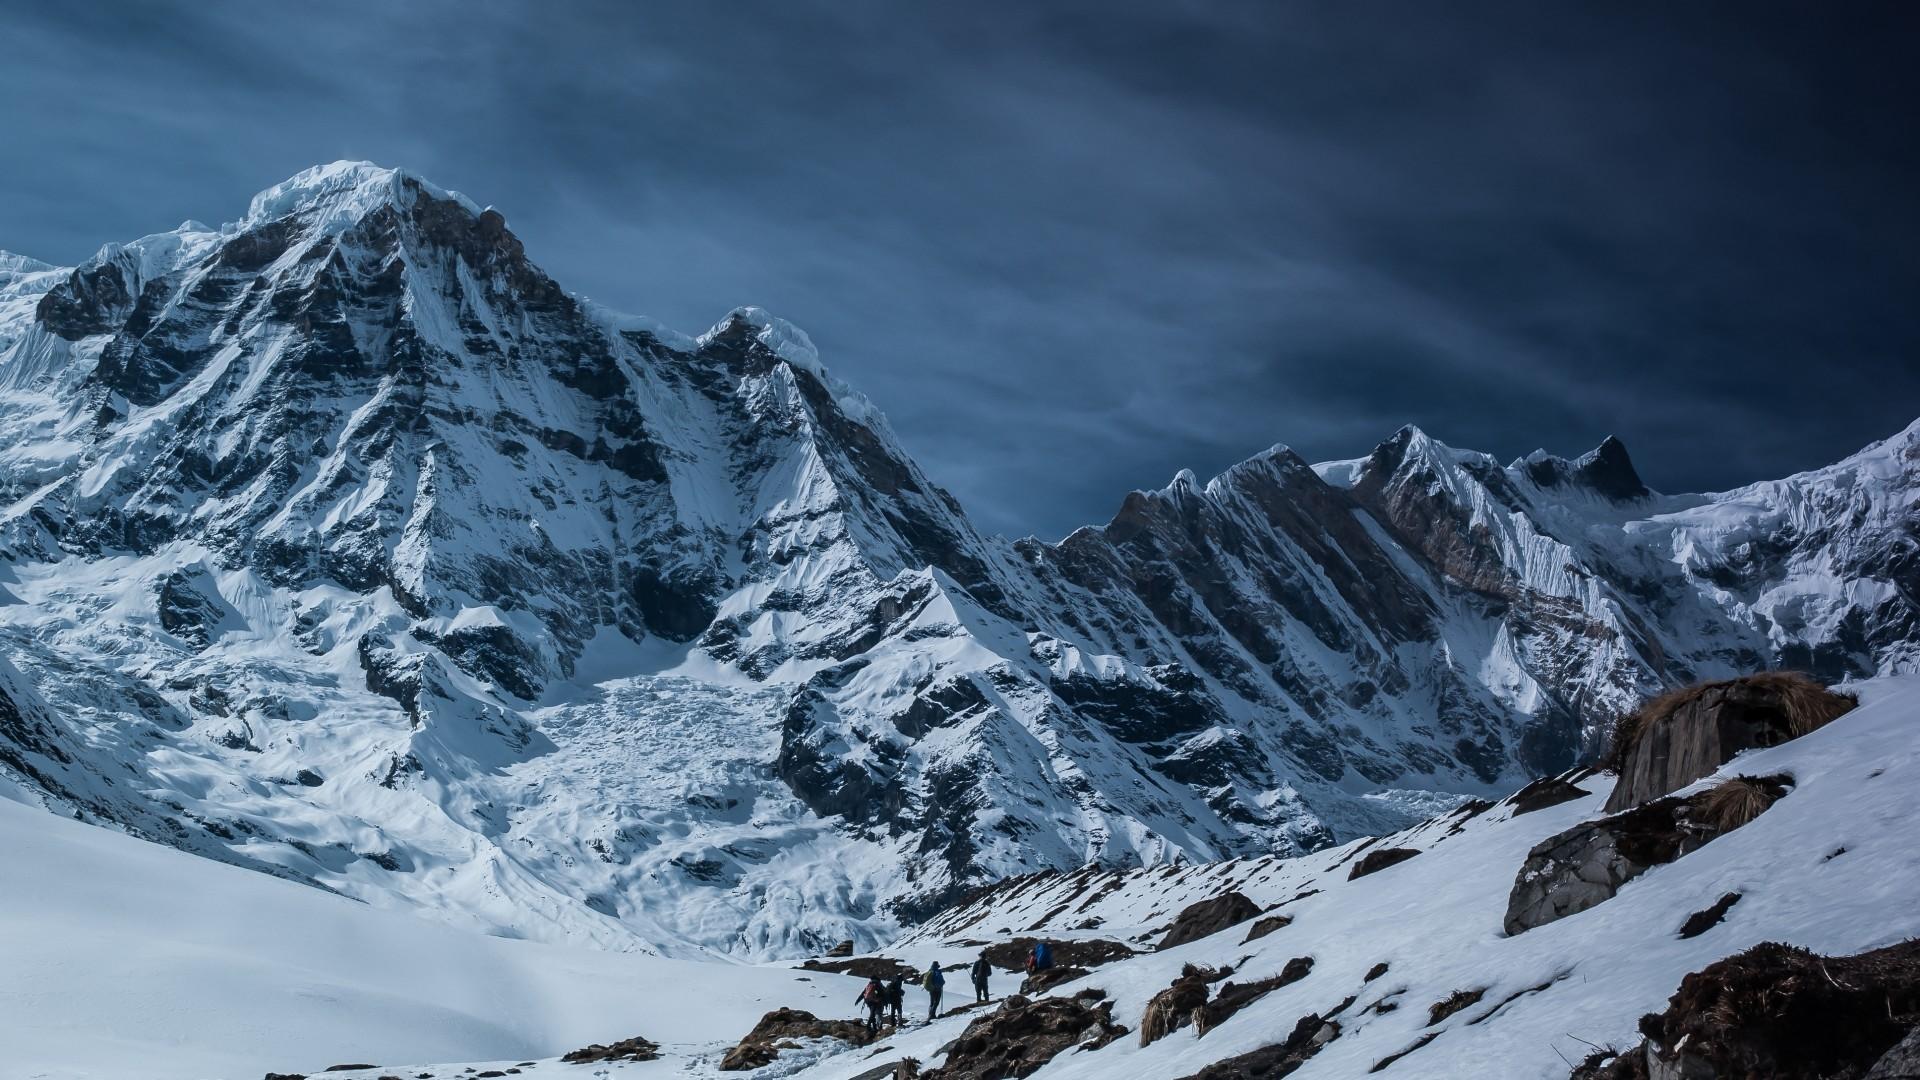 Snow Mountain hd desktop wallpaper